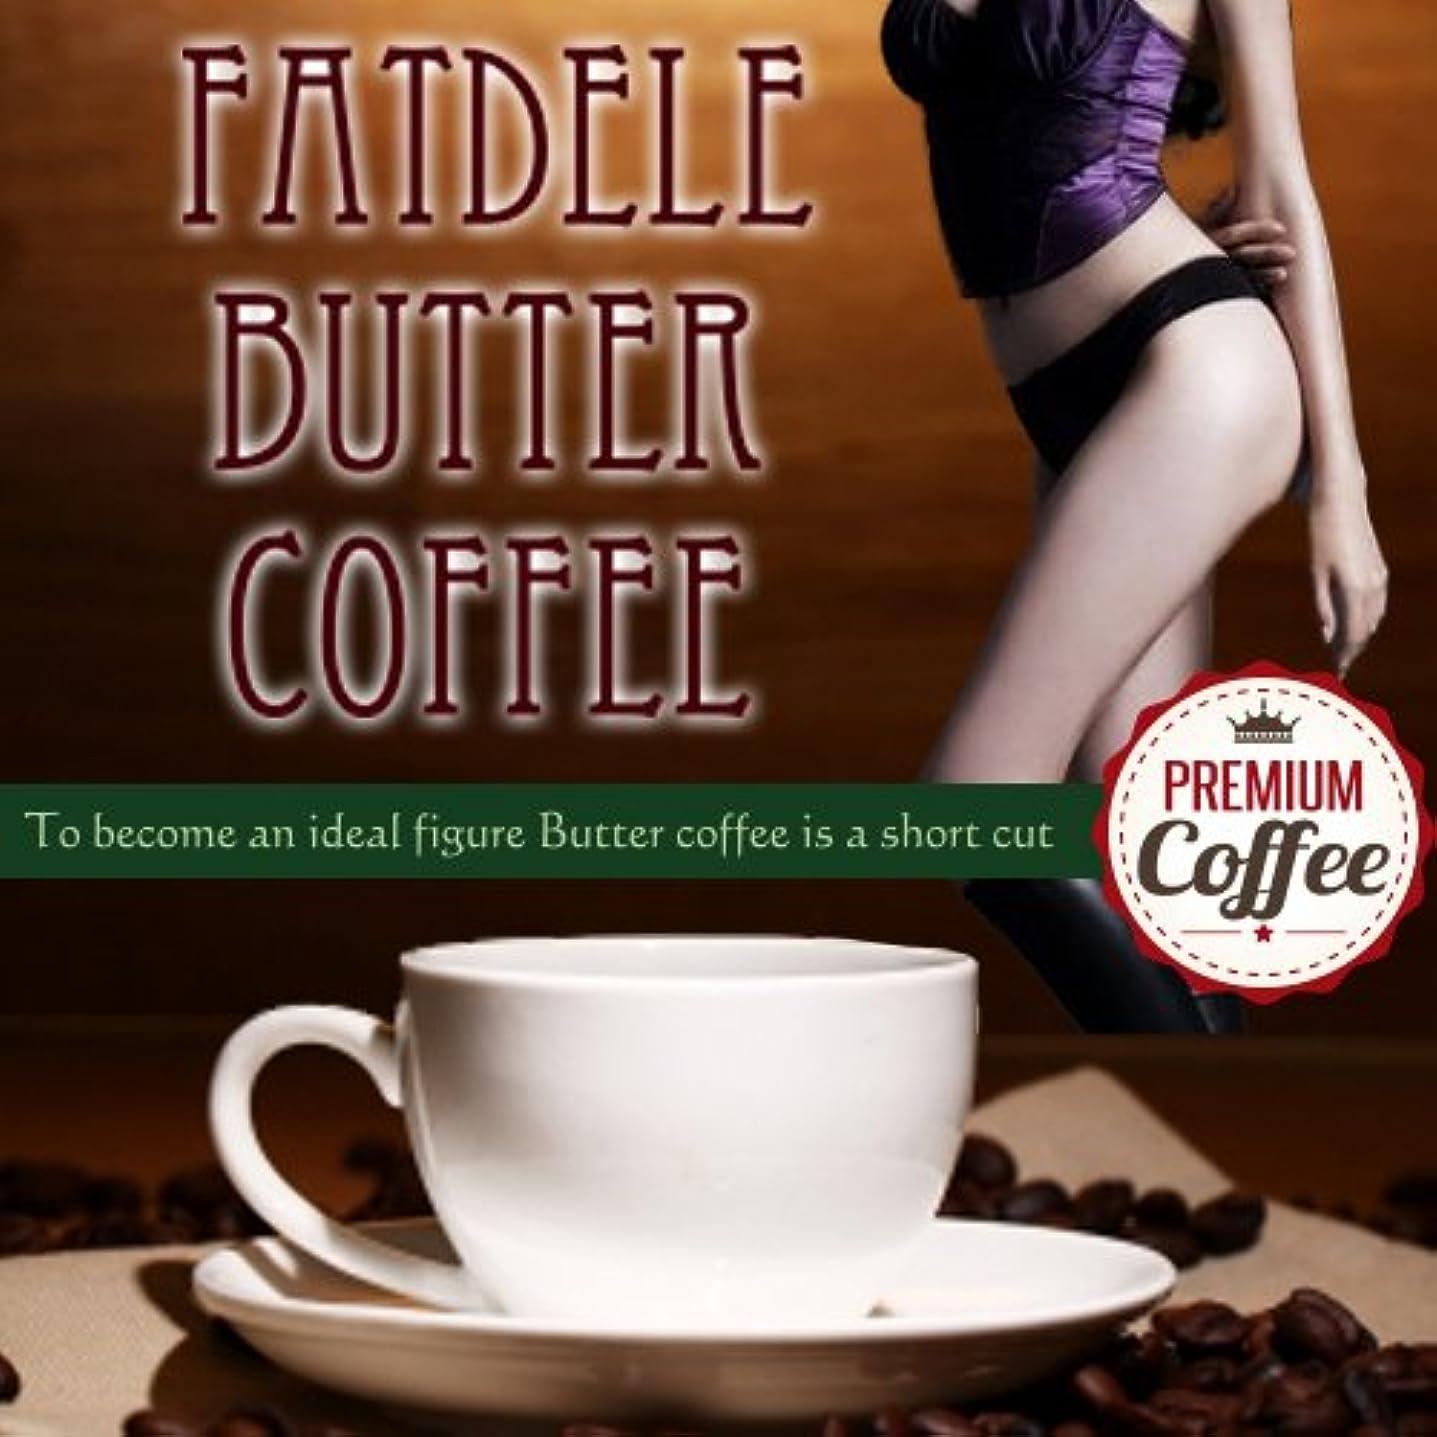 ブラケット喉が渇いた薬局ファットデルバターコーヒー バターコーヒー ダイエットコーヒー